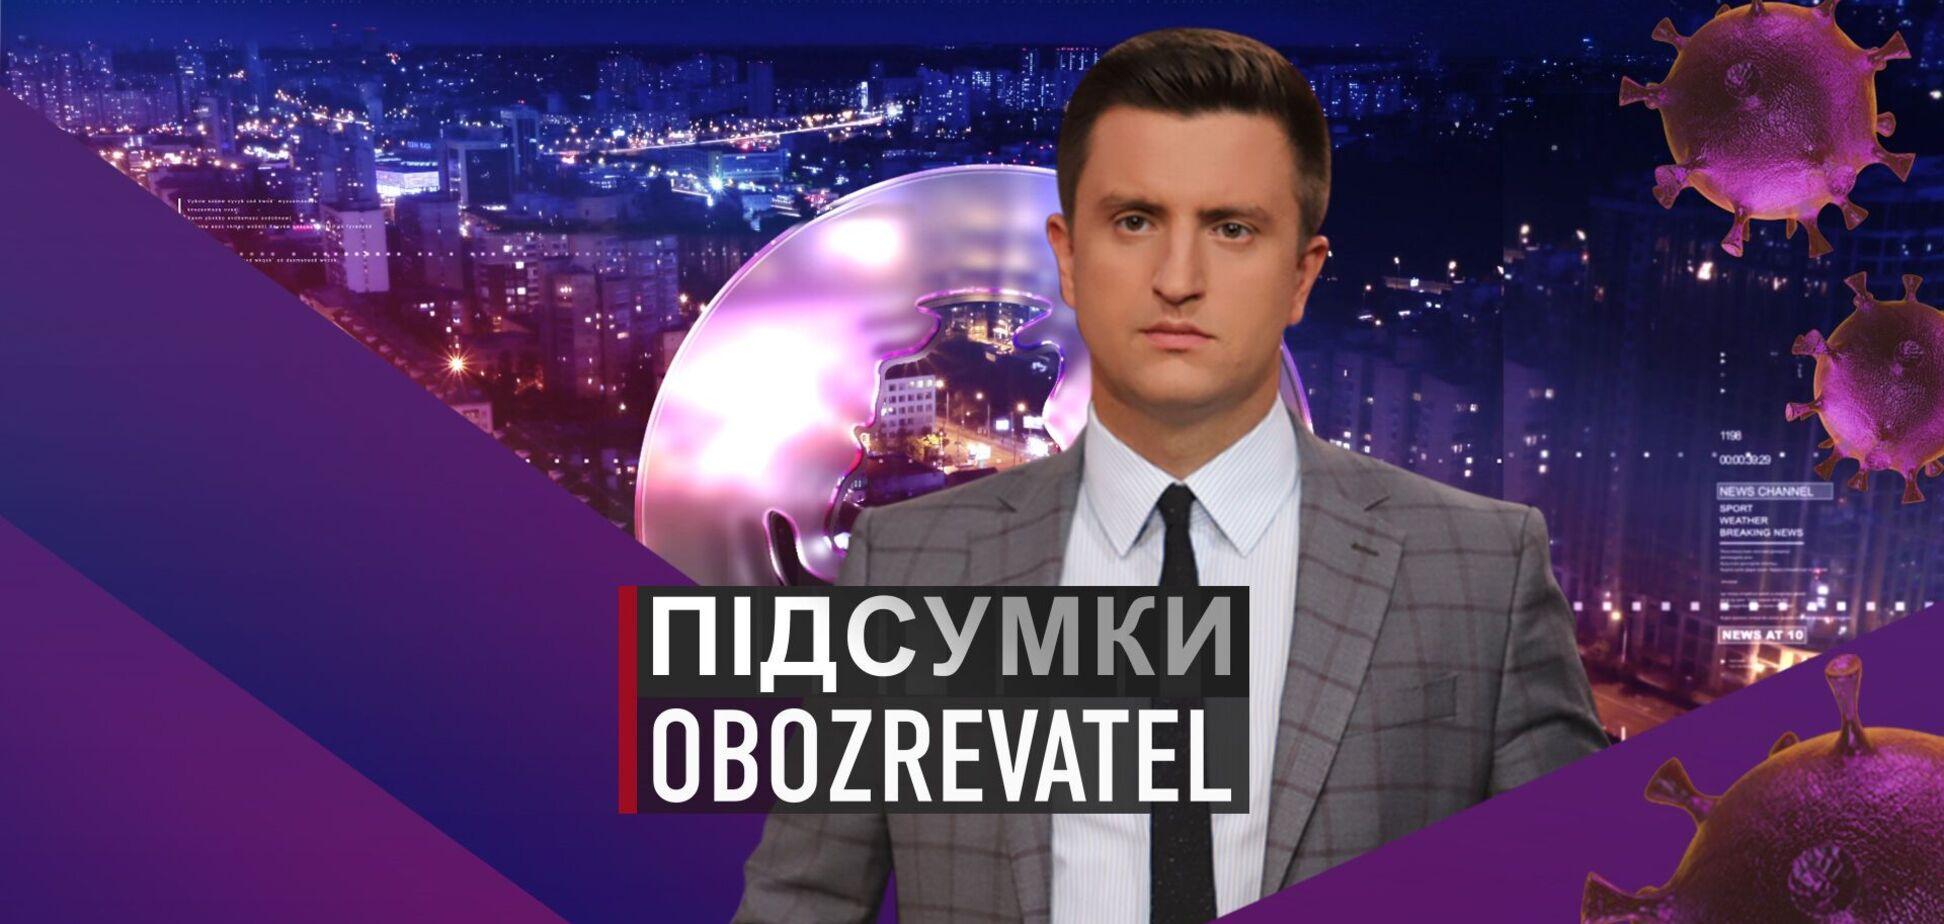 Підсумки з Вадимом Колодійчуком. Вівторок, 21 вересня